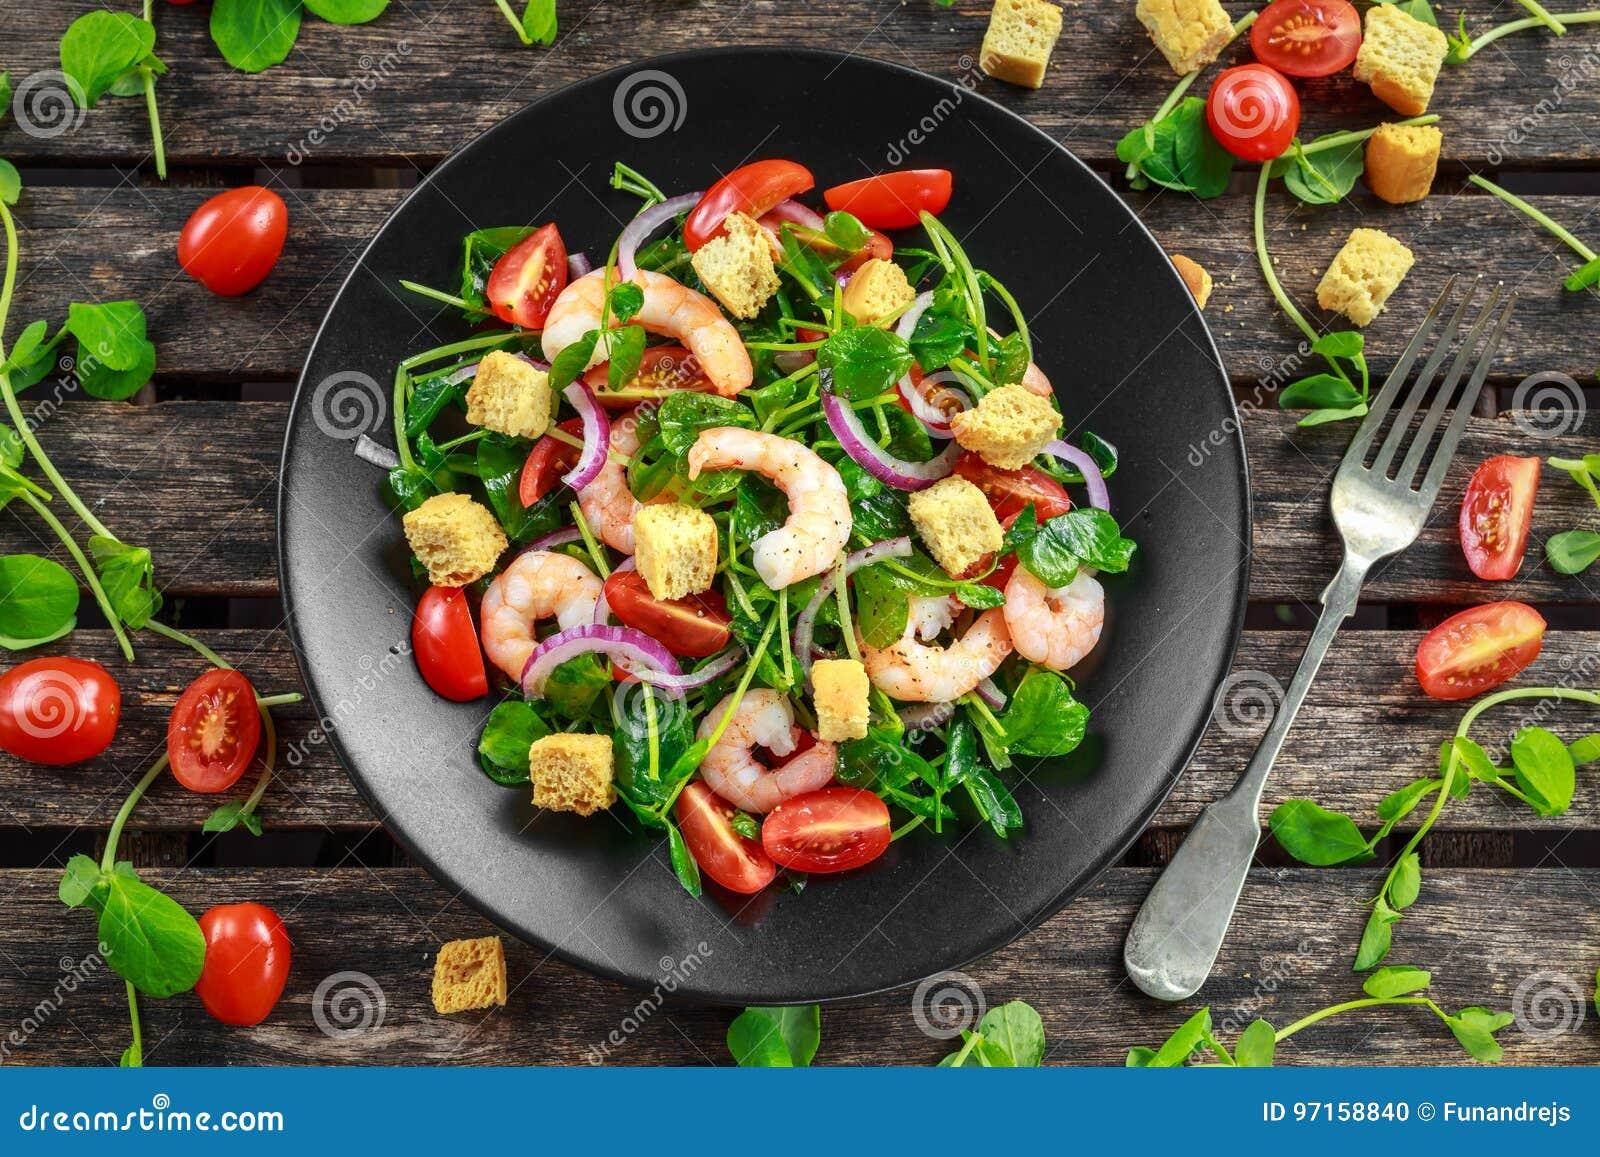 Świeże Zdrowe krewetki sałatkowe z pomidorami, czerwona cebula na czarnym talerzu Pojęcia zdrowy jedzenie